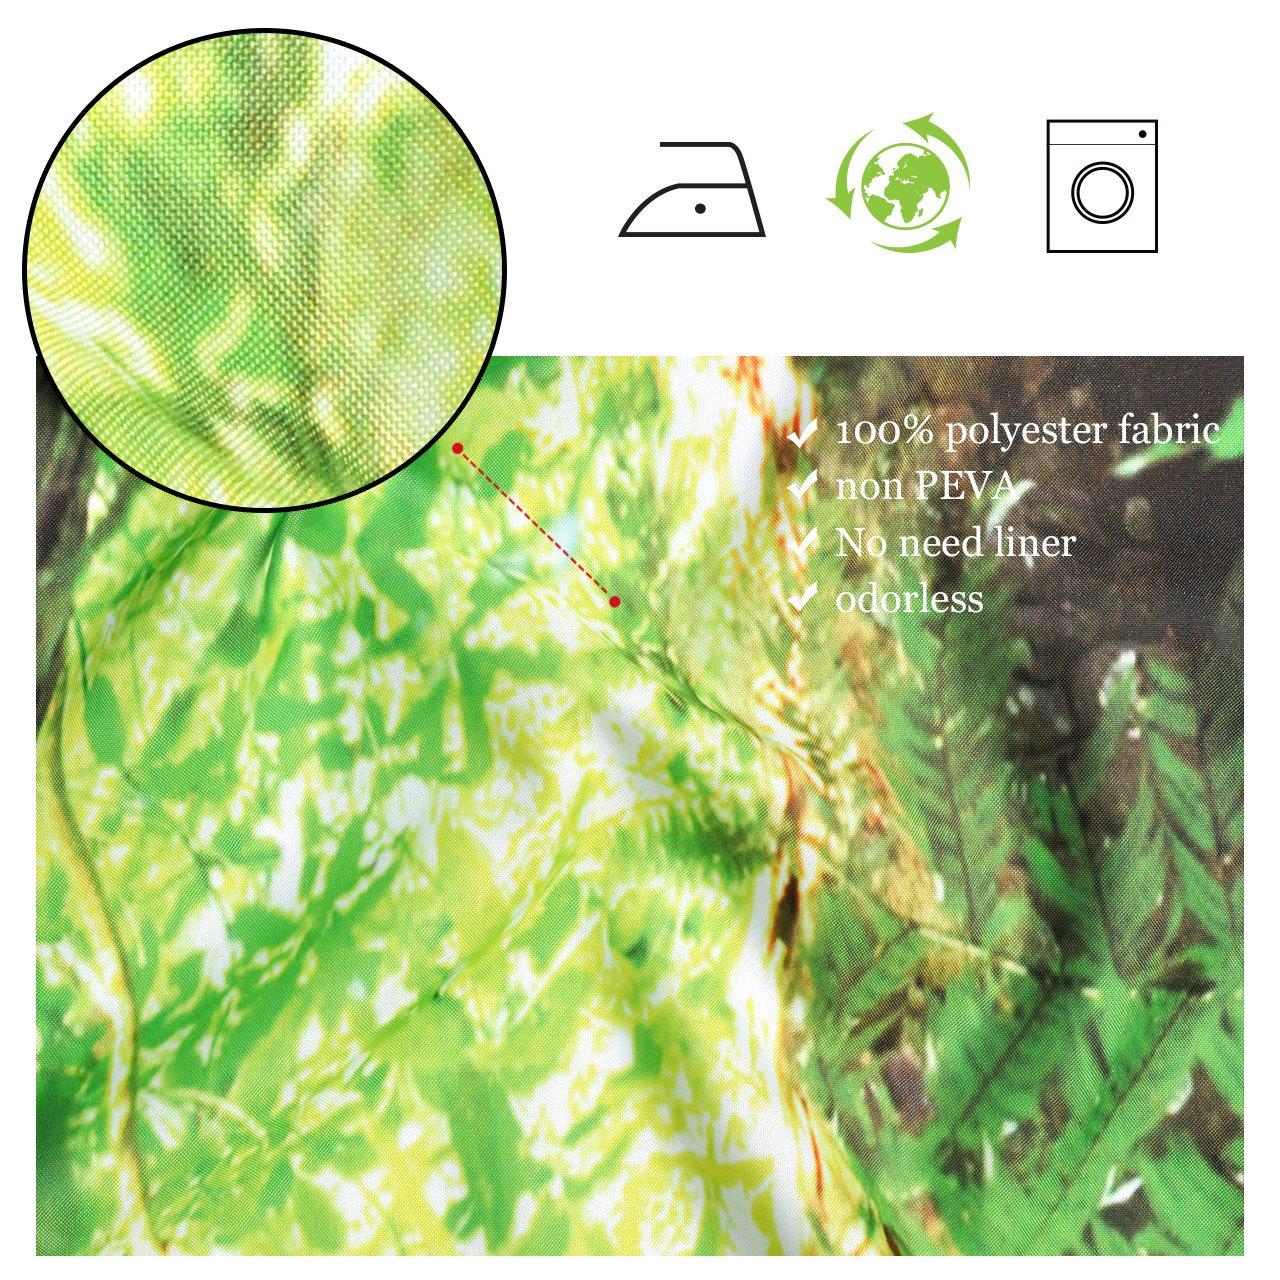 150x180cm LB Selva Impermeable Tejido de poli/éster Ba/ño Cortina de la Ducha 3D Decoraciones de ba/ño de impresi/ón digitaLlL/ámina 12Manos